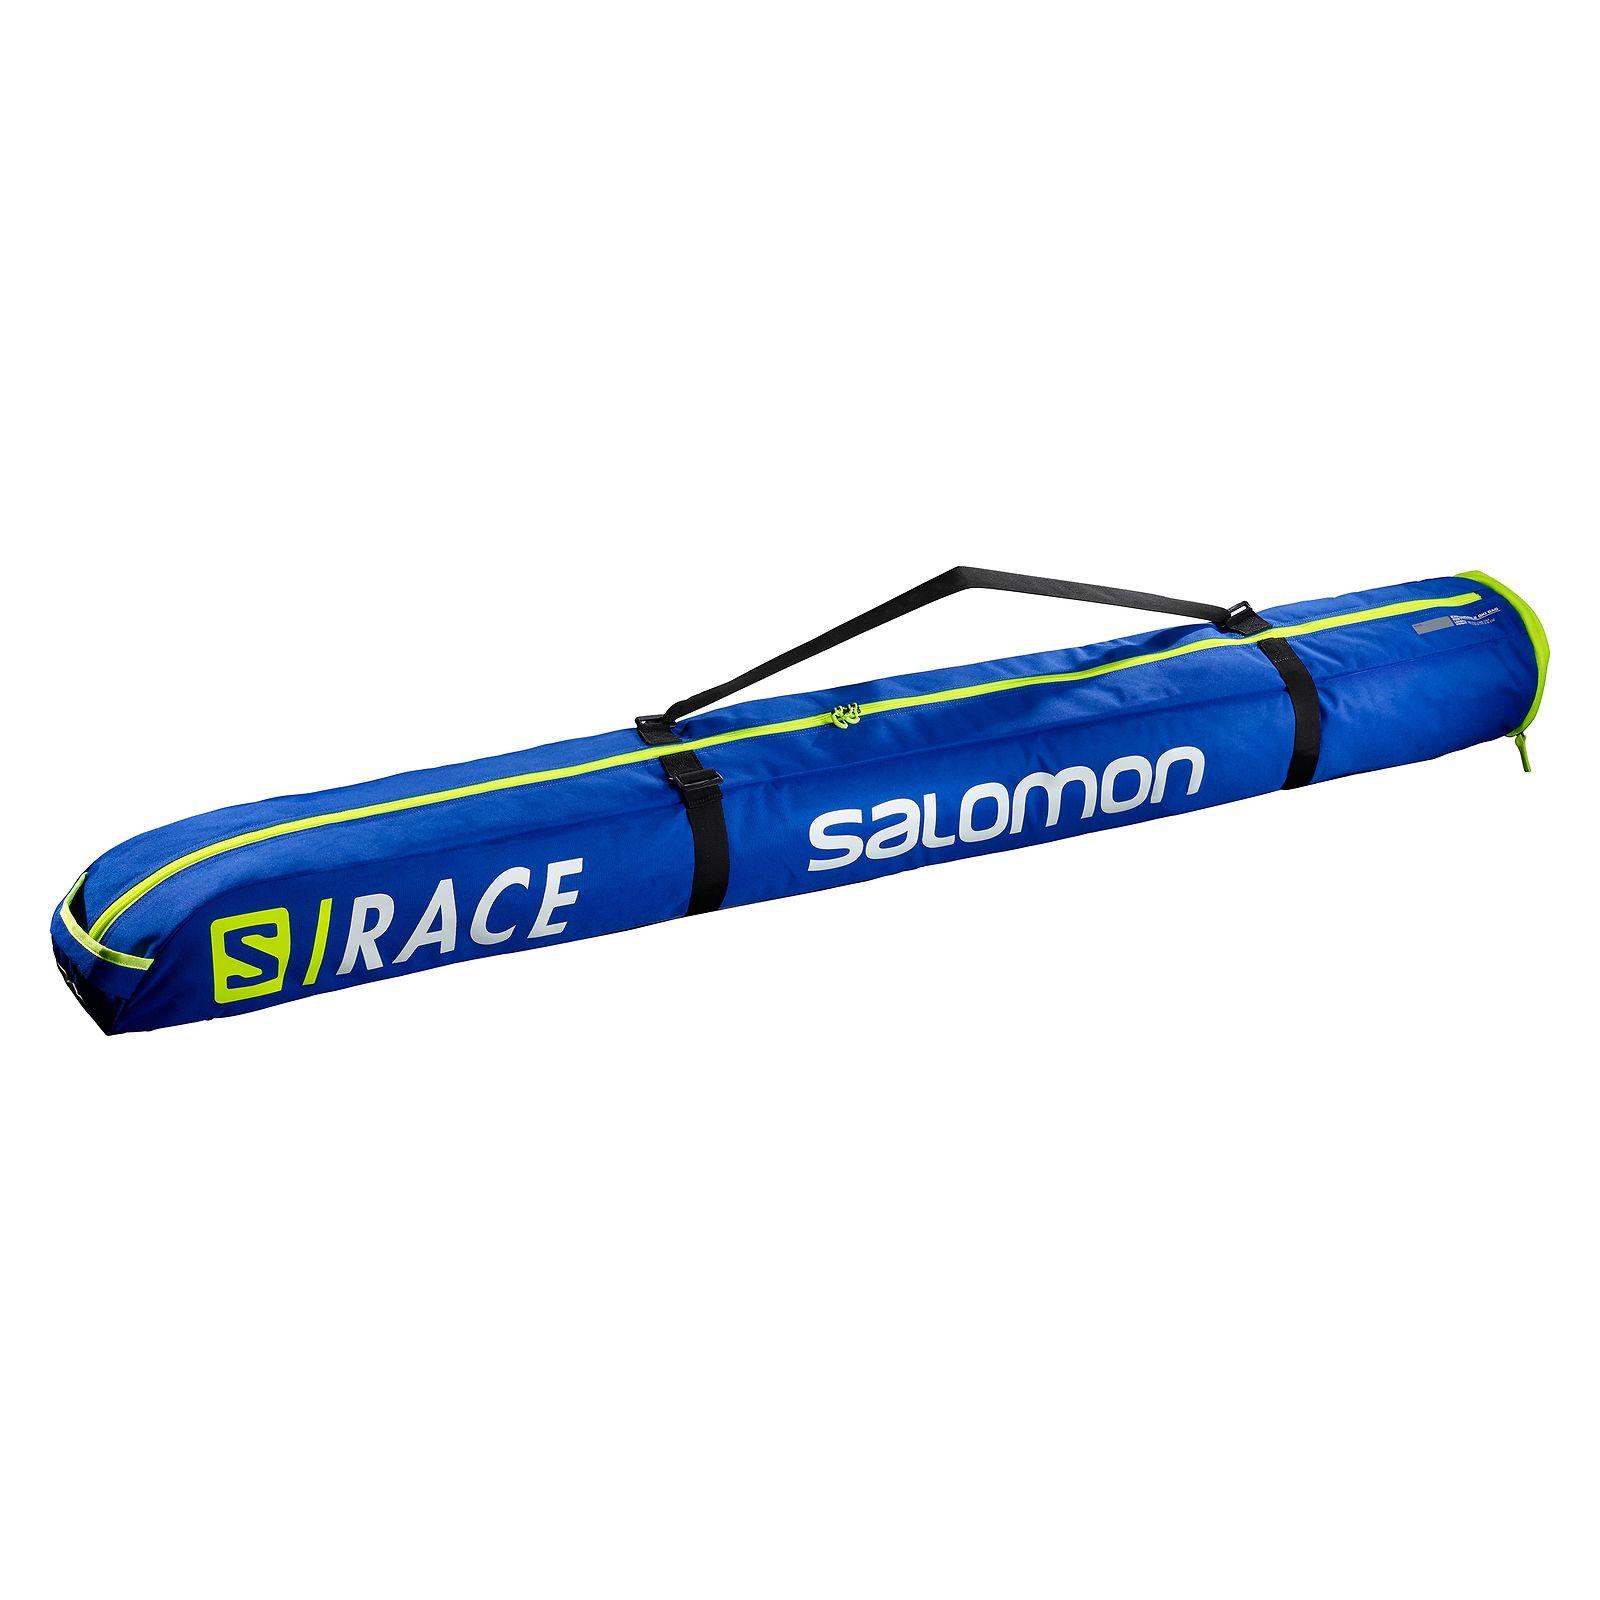 Pokrowiec narciarski Salomon Extend1P 165+20 116900